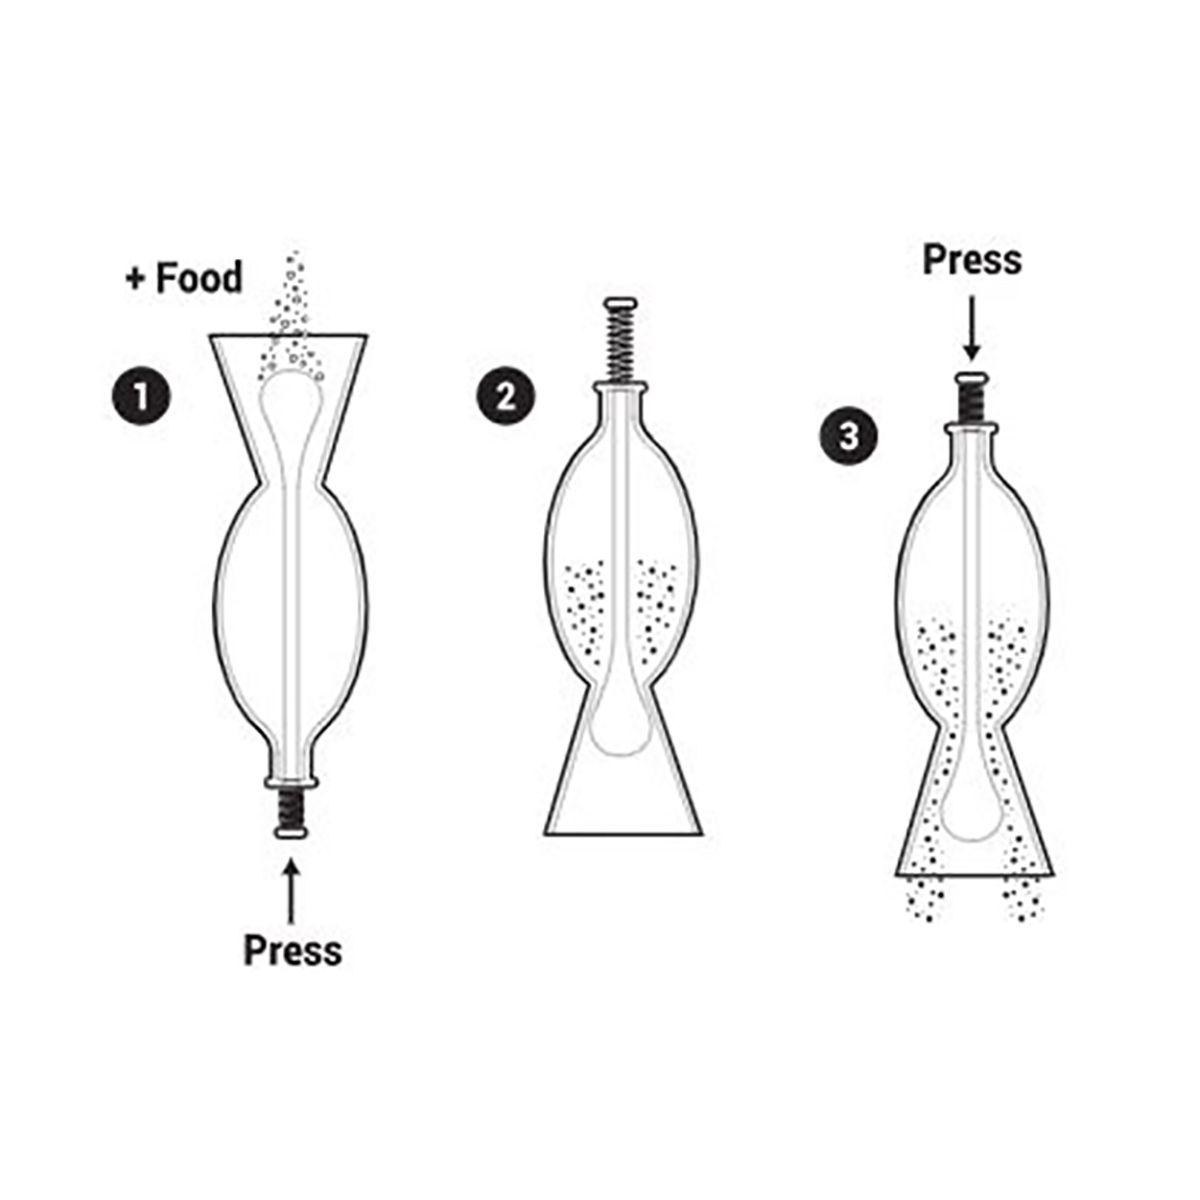 Seachem Alimentador de Vidro 40mm para Aquários